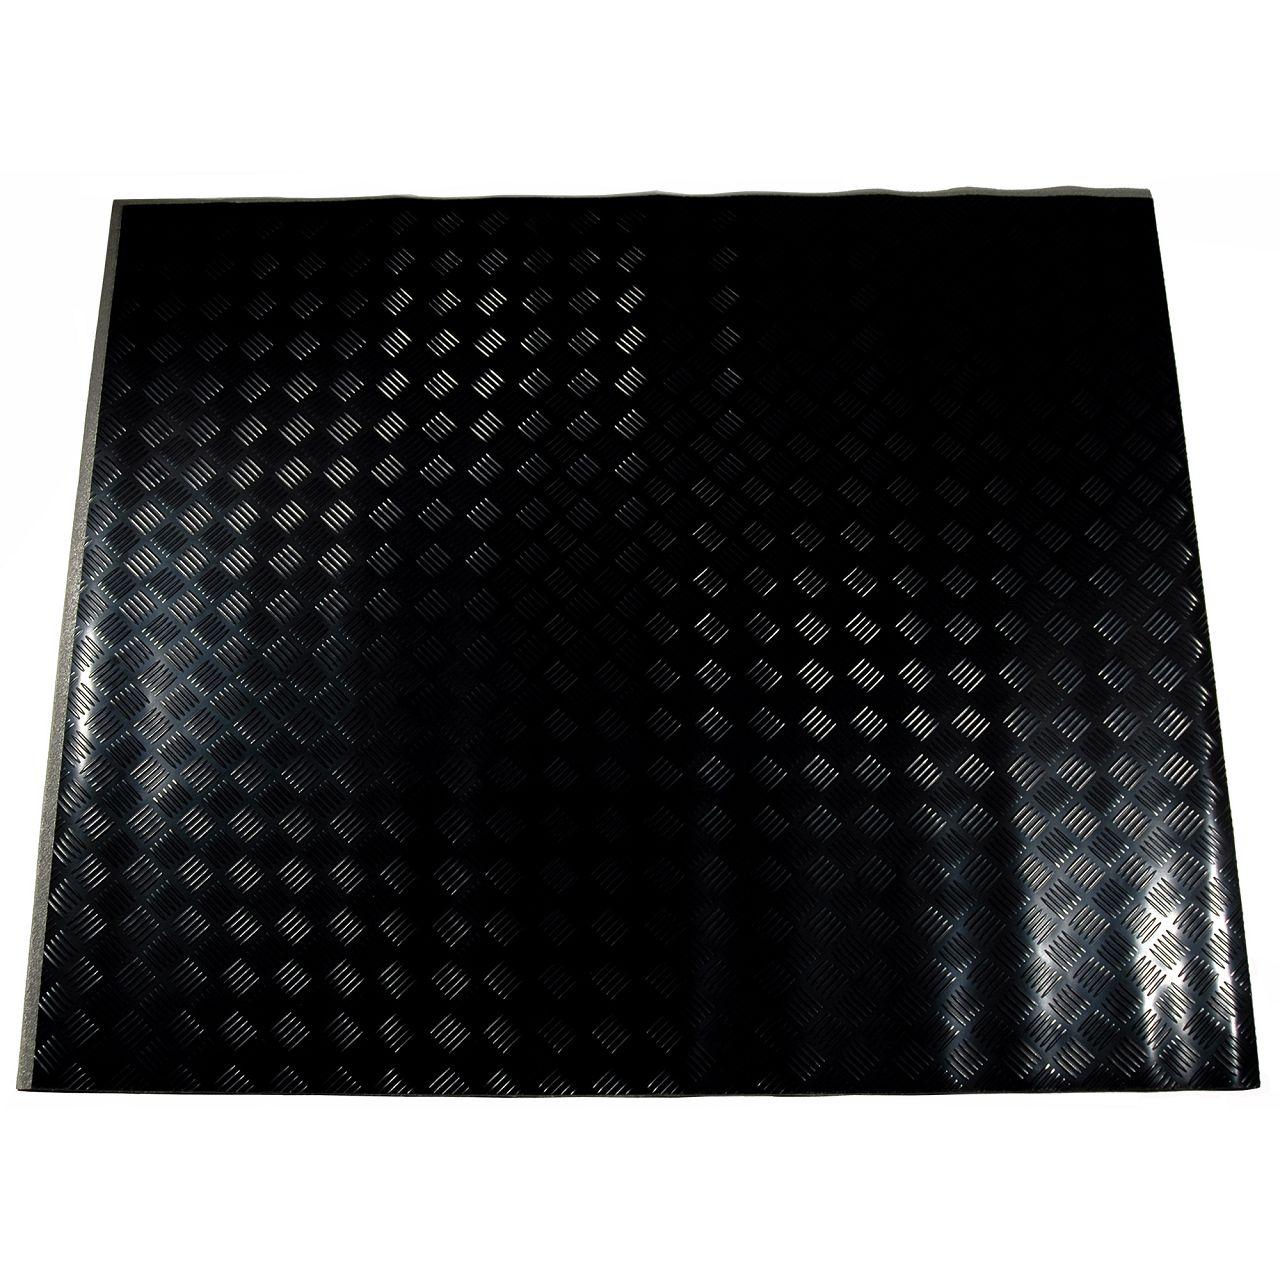 Antirutschmatte Schutzmatte Kofferraum ANTHRAZIT 1360x1200x8mm